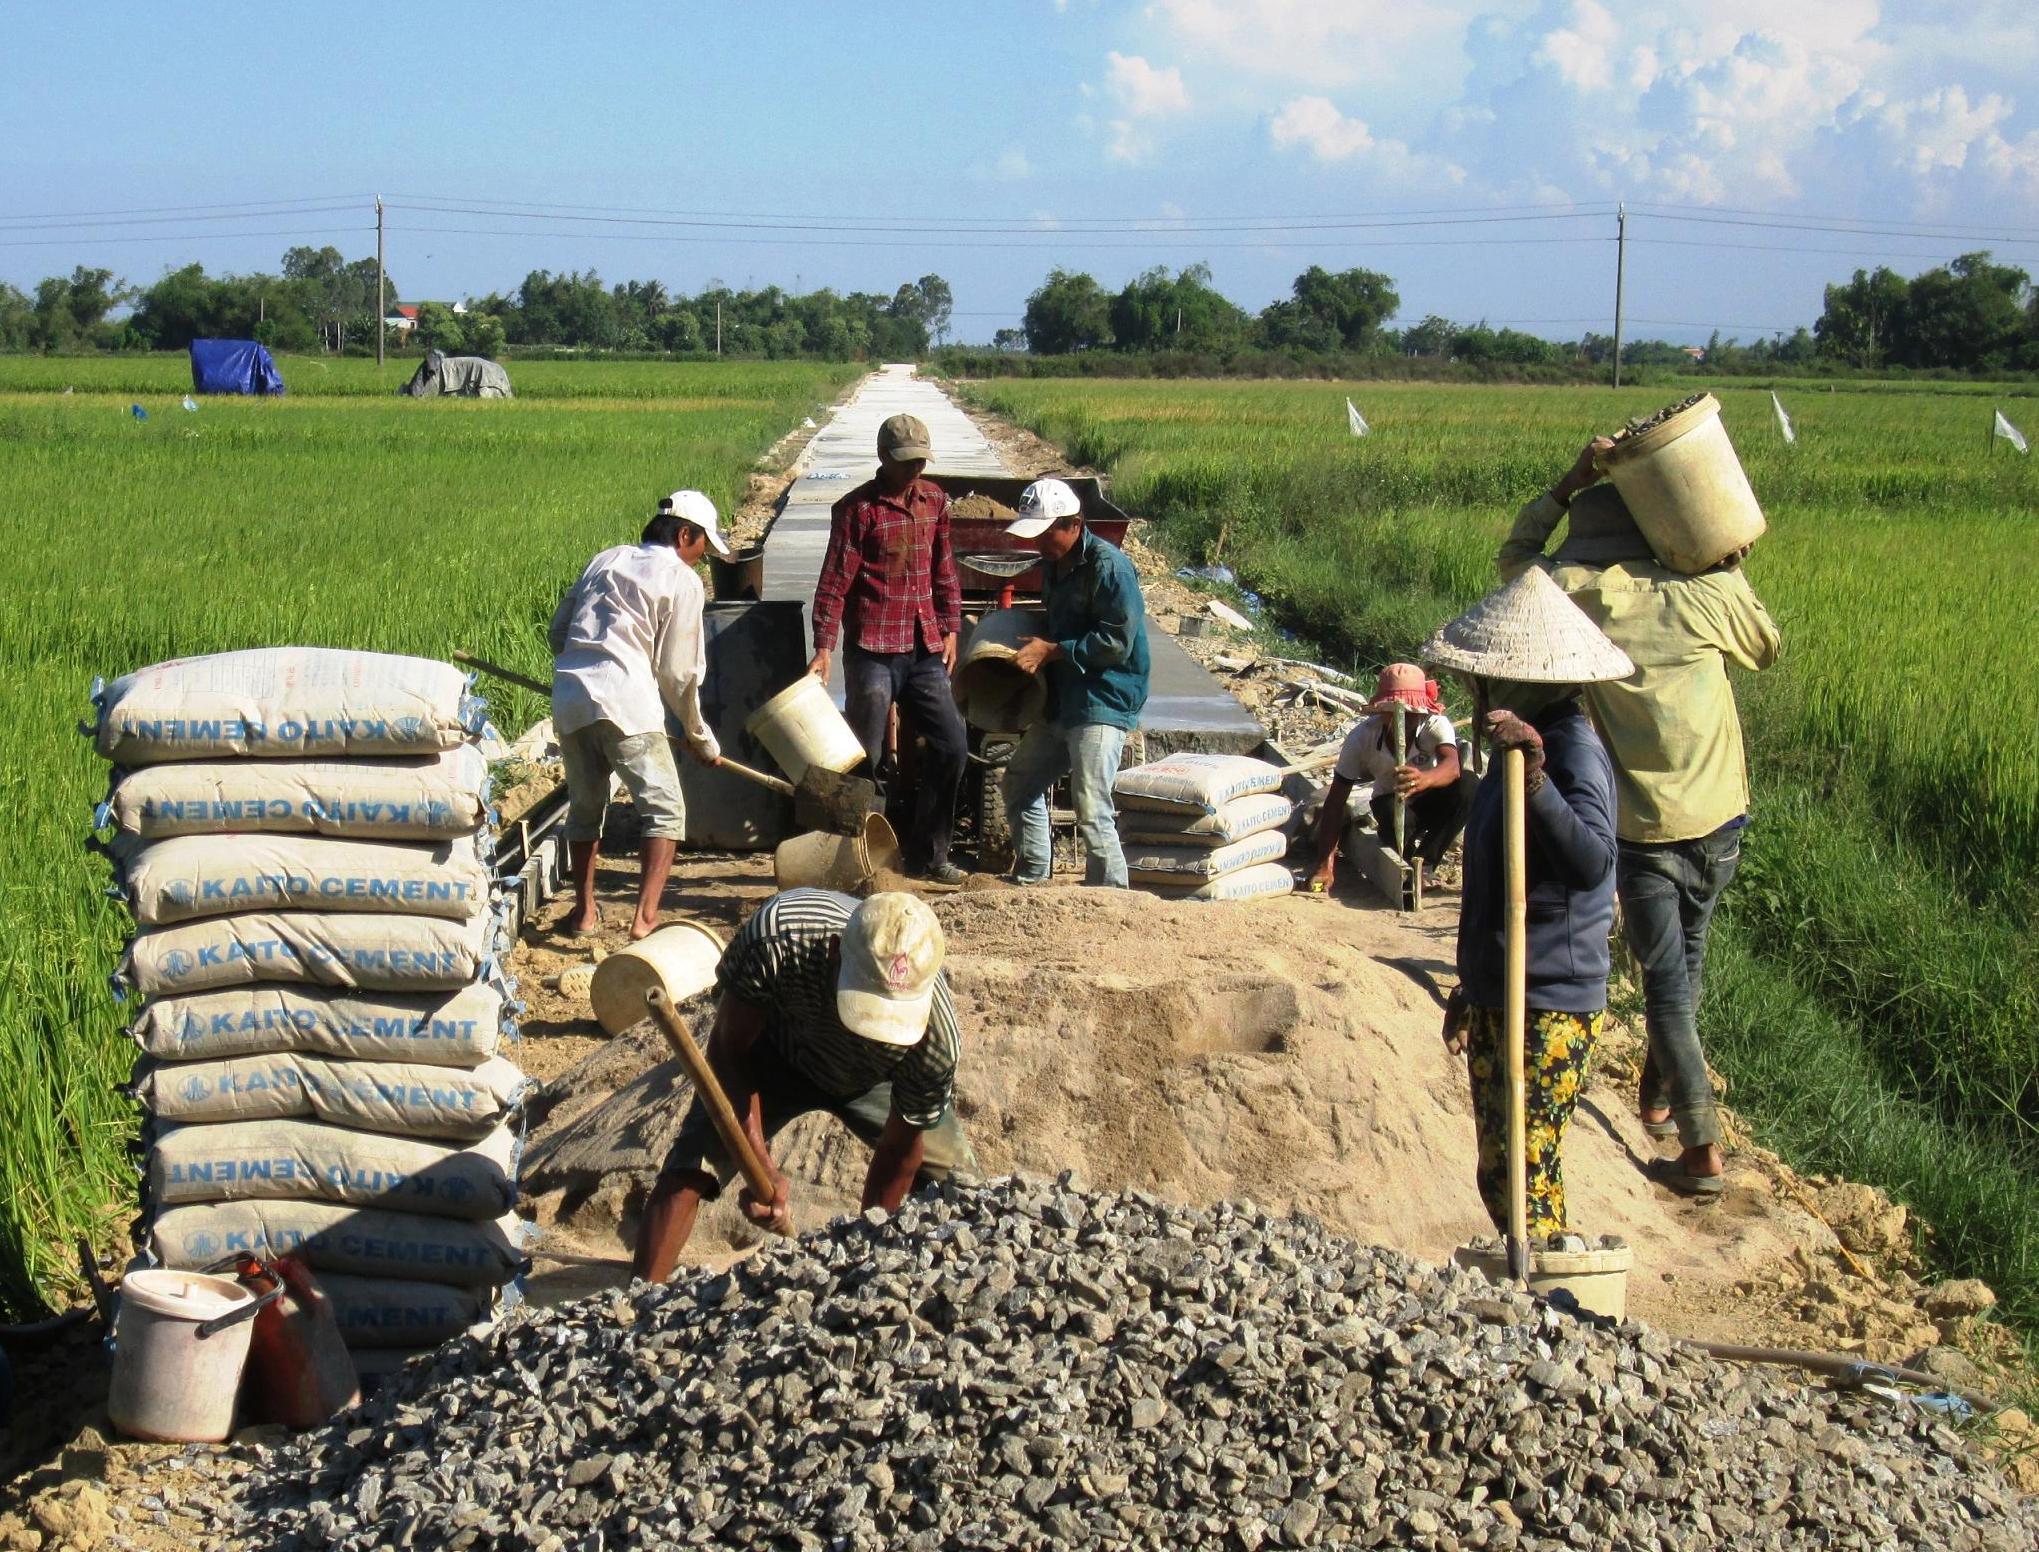 Nhiều địa phương gặp khó trong xây dựng hạ tầng nông thôn vì không được khai thác đất san lấp và cát, sỏi tại chỗ. Ảnh: VĂN SỰ